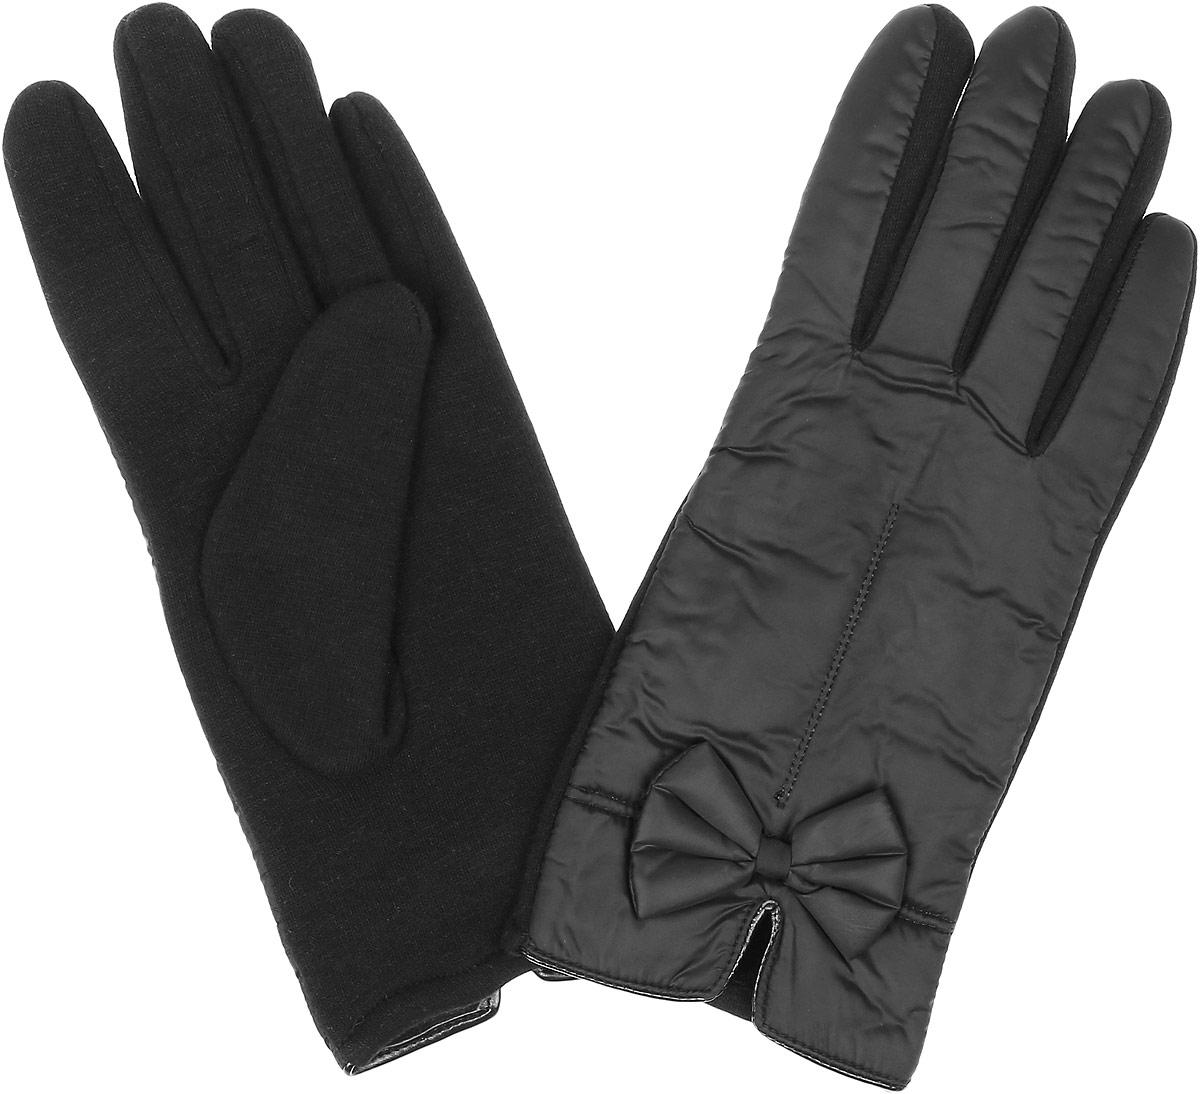 Перчатки женские Finn Flare, цвет: черный. W16-11305_200. Размер 6,5W16-11305_200Стильные женские перчатки Finn Flare изготовленные из высококачественных материалов на подкладке из полиэстера, станут идеальным вариантом для прохладной погоды. Они хорошо сохраняют тепло, мягкие, идеально сидят на руке и отлично тянутся. Перчатки оформлены отстрочками и небольшими декоративными бантиками.